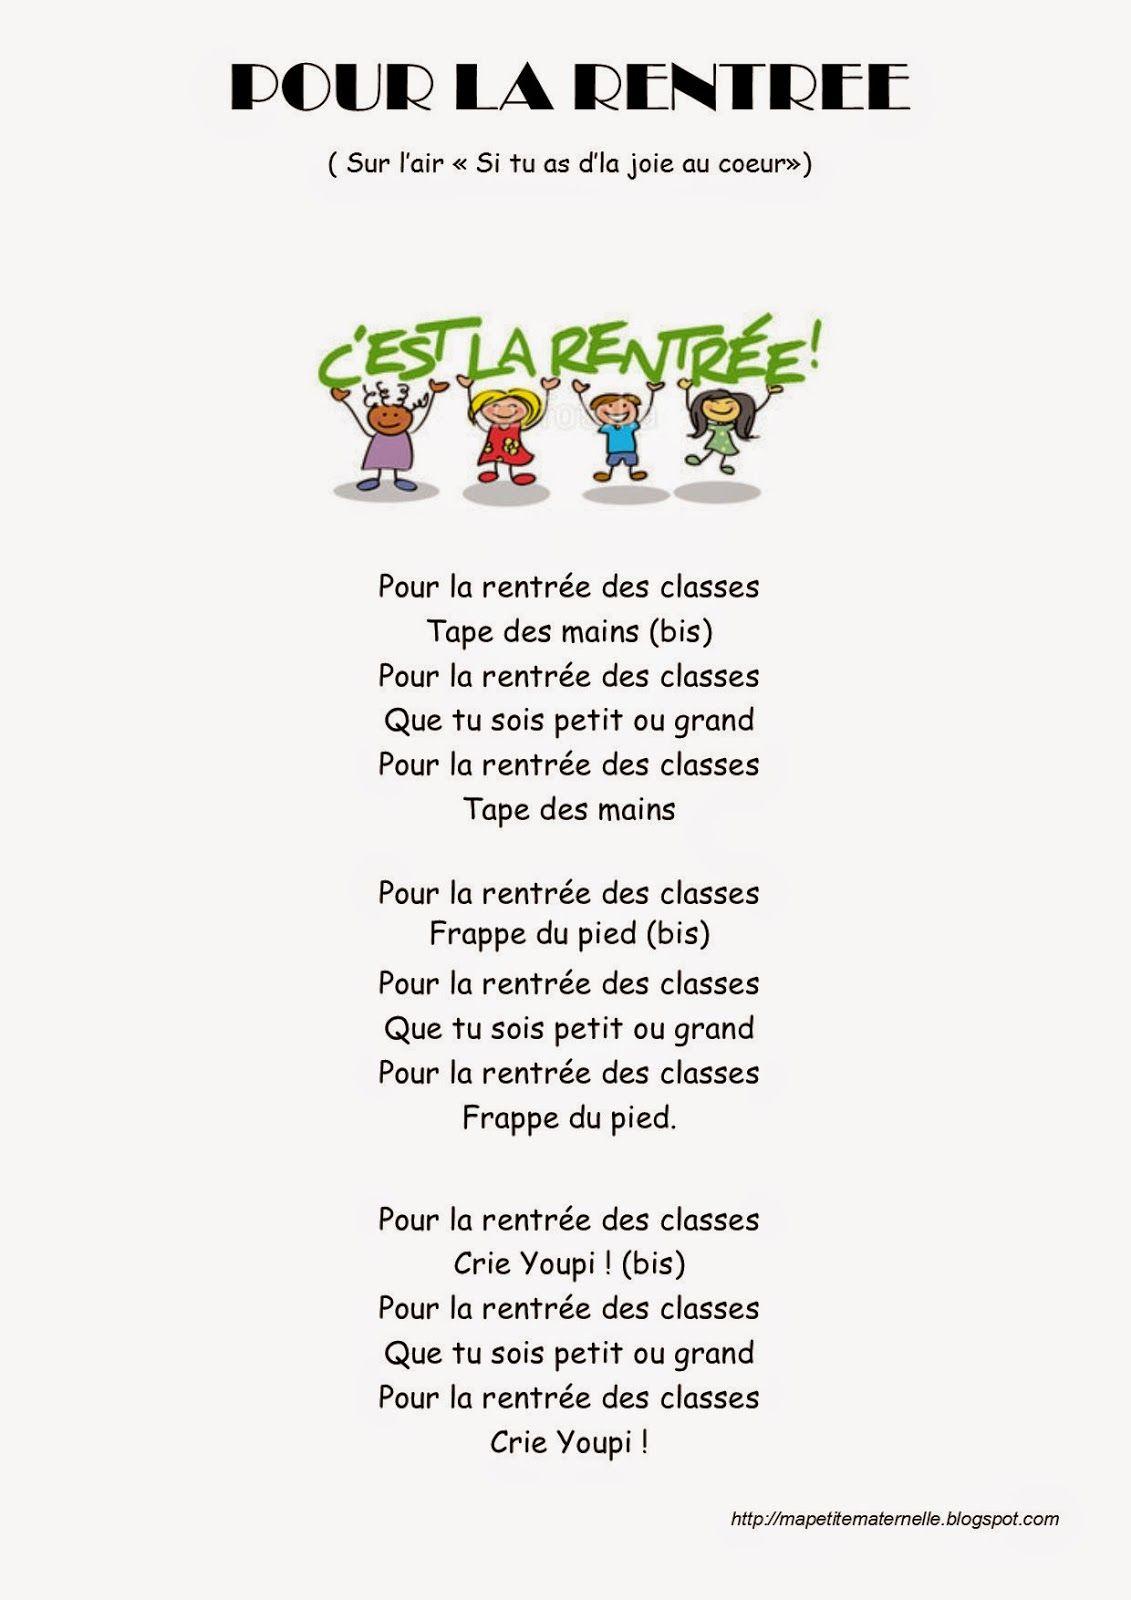 Très Ma petite maternelle: Comptine #23 - Pour la rentrée | Prof  YQ01